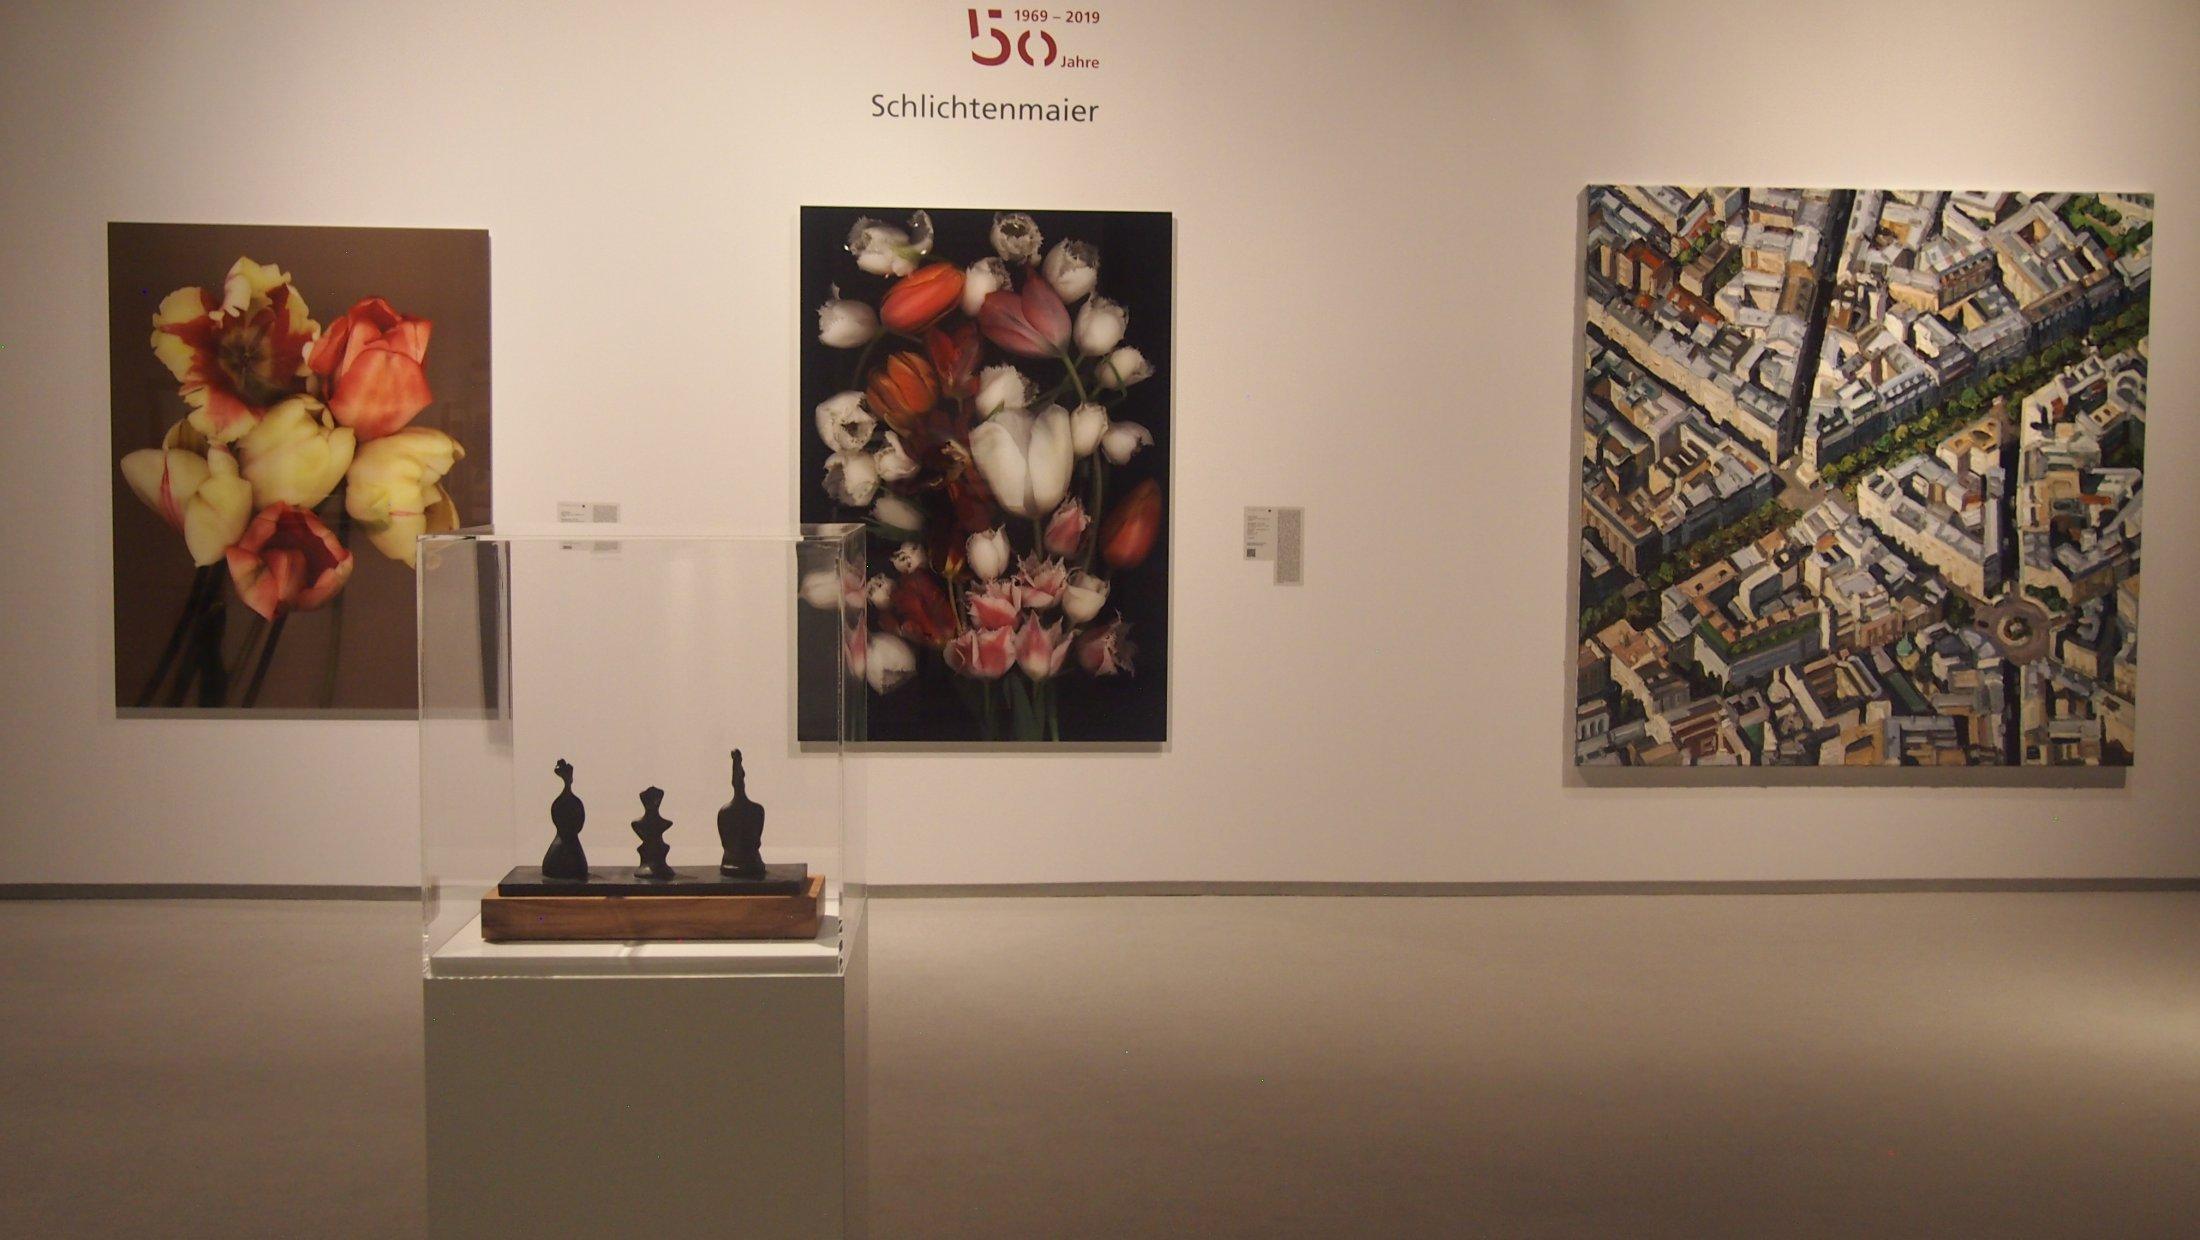 50 Jahre Galerie Schlichtenmaier